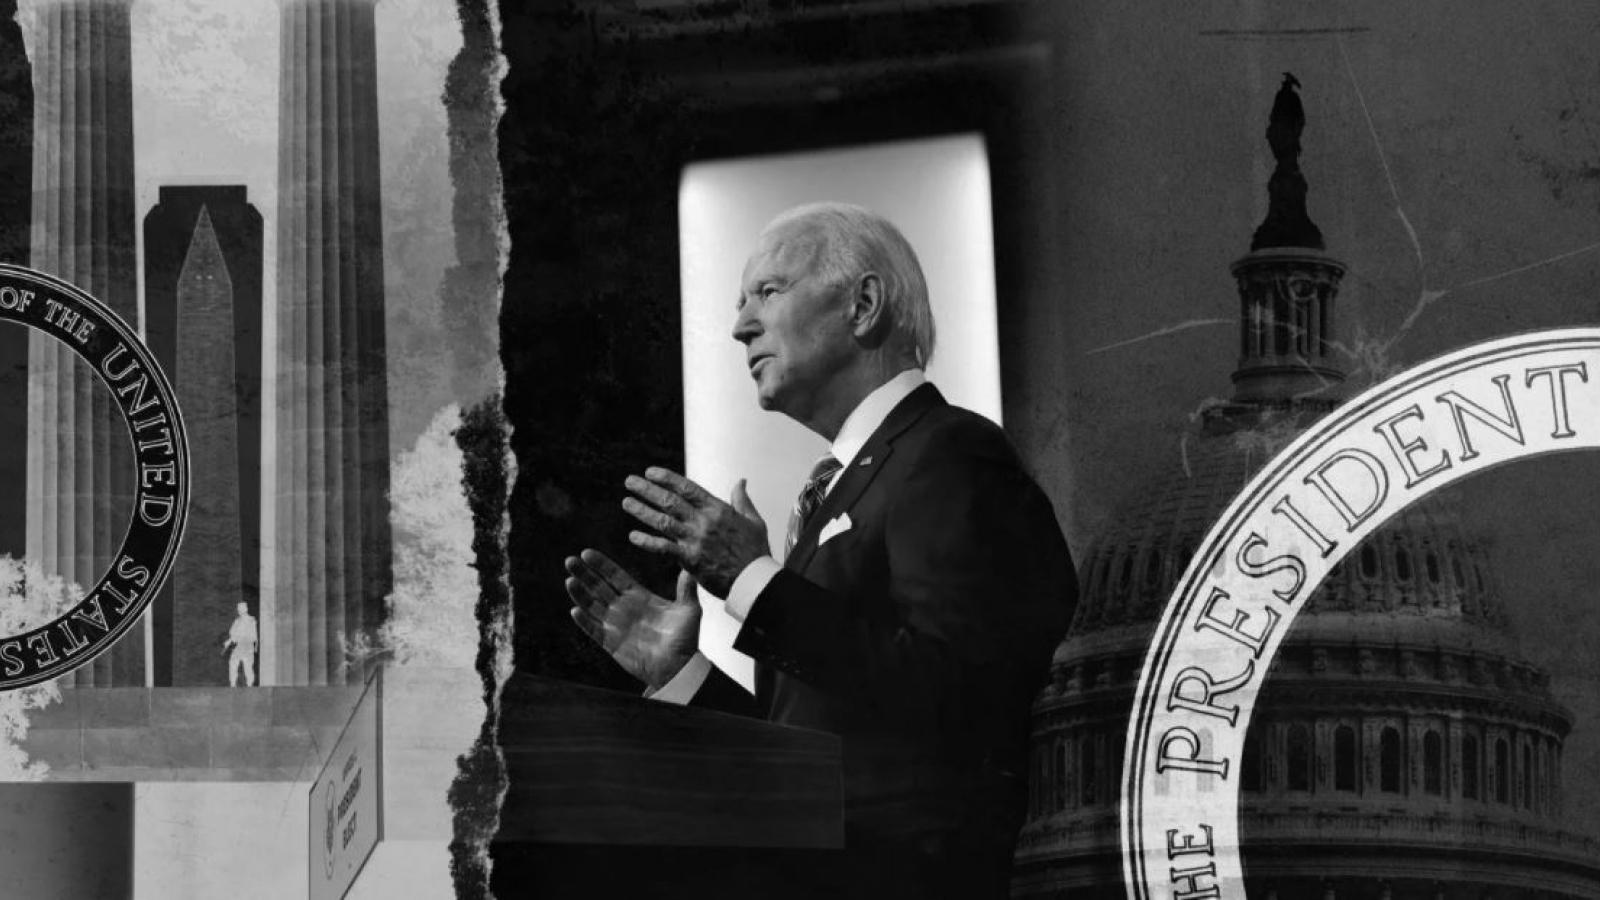 Đưa Mỹ sang trang mới khỏi kỷ nguyên Trump: Nhiệm vụ bất khả thi của ông Biden?